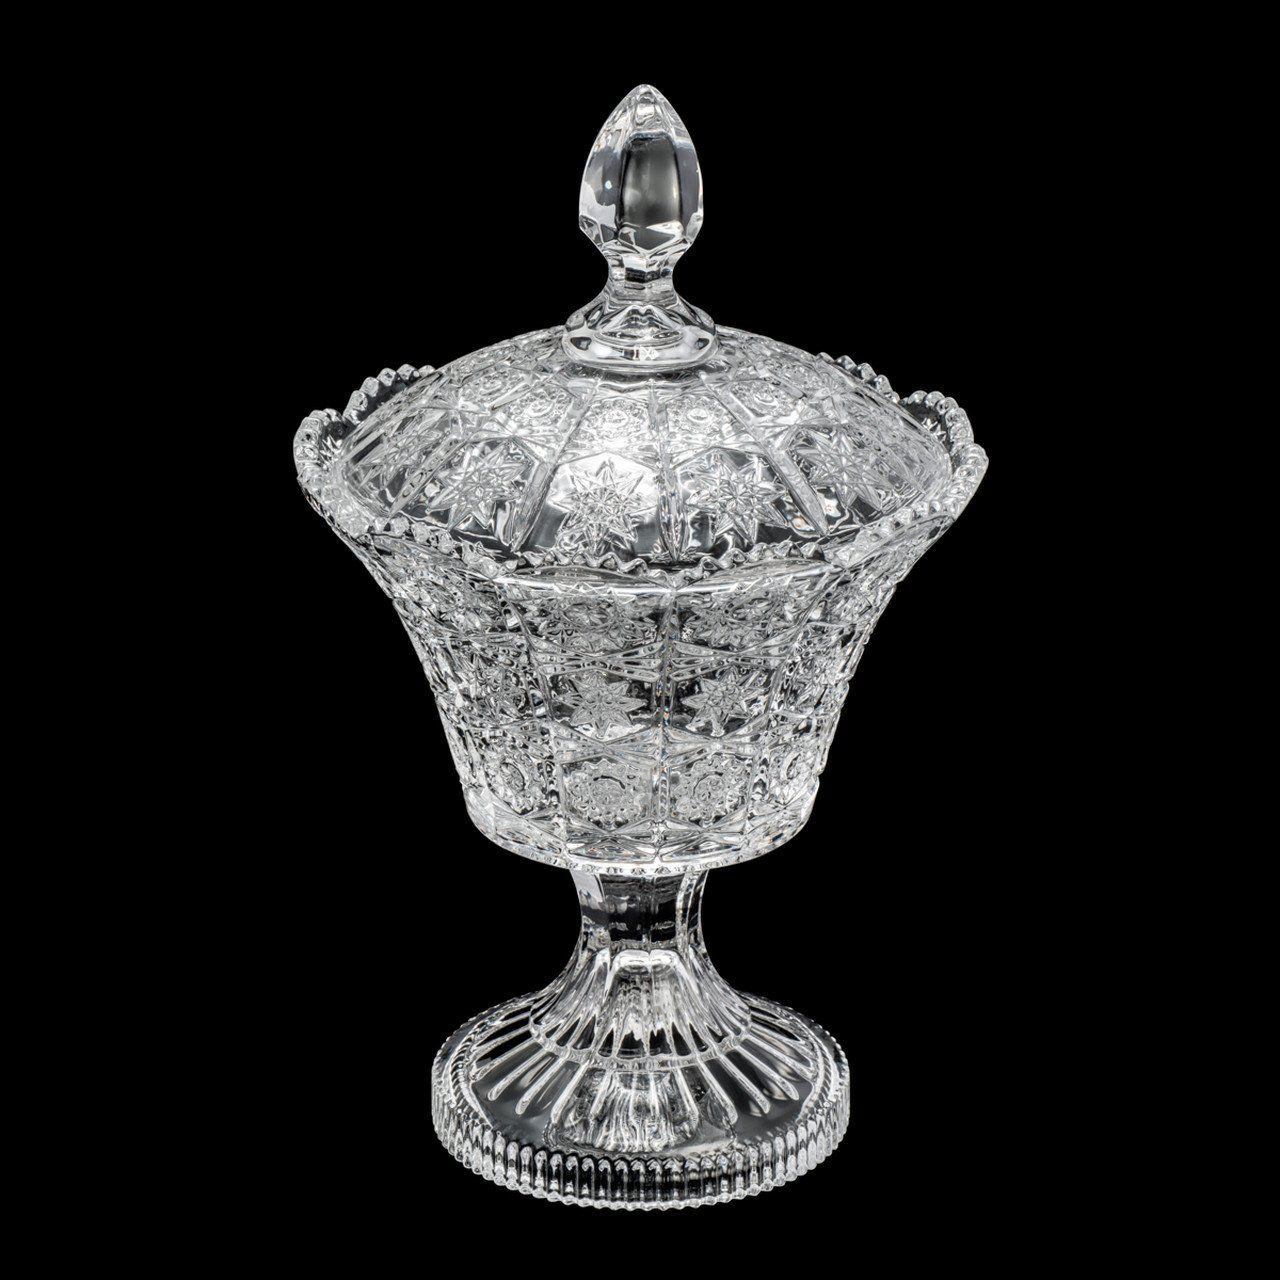 Bomboniere 28 cm de cristal transparente com tampa e pé Starry Wolff - 25548